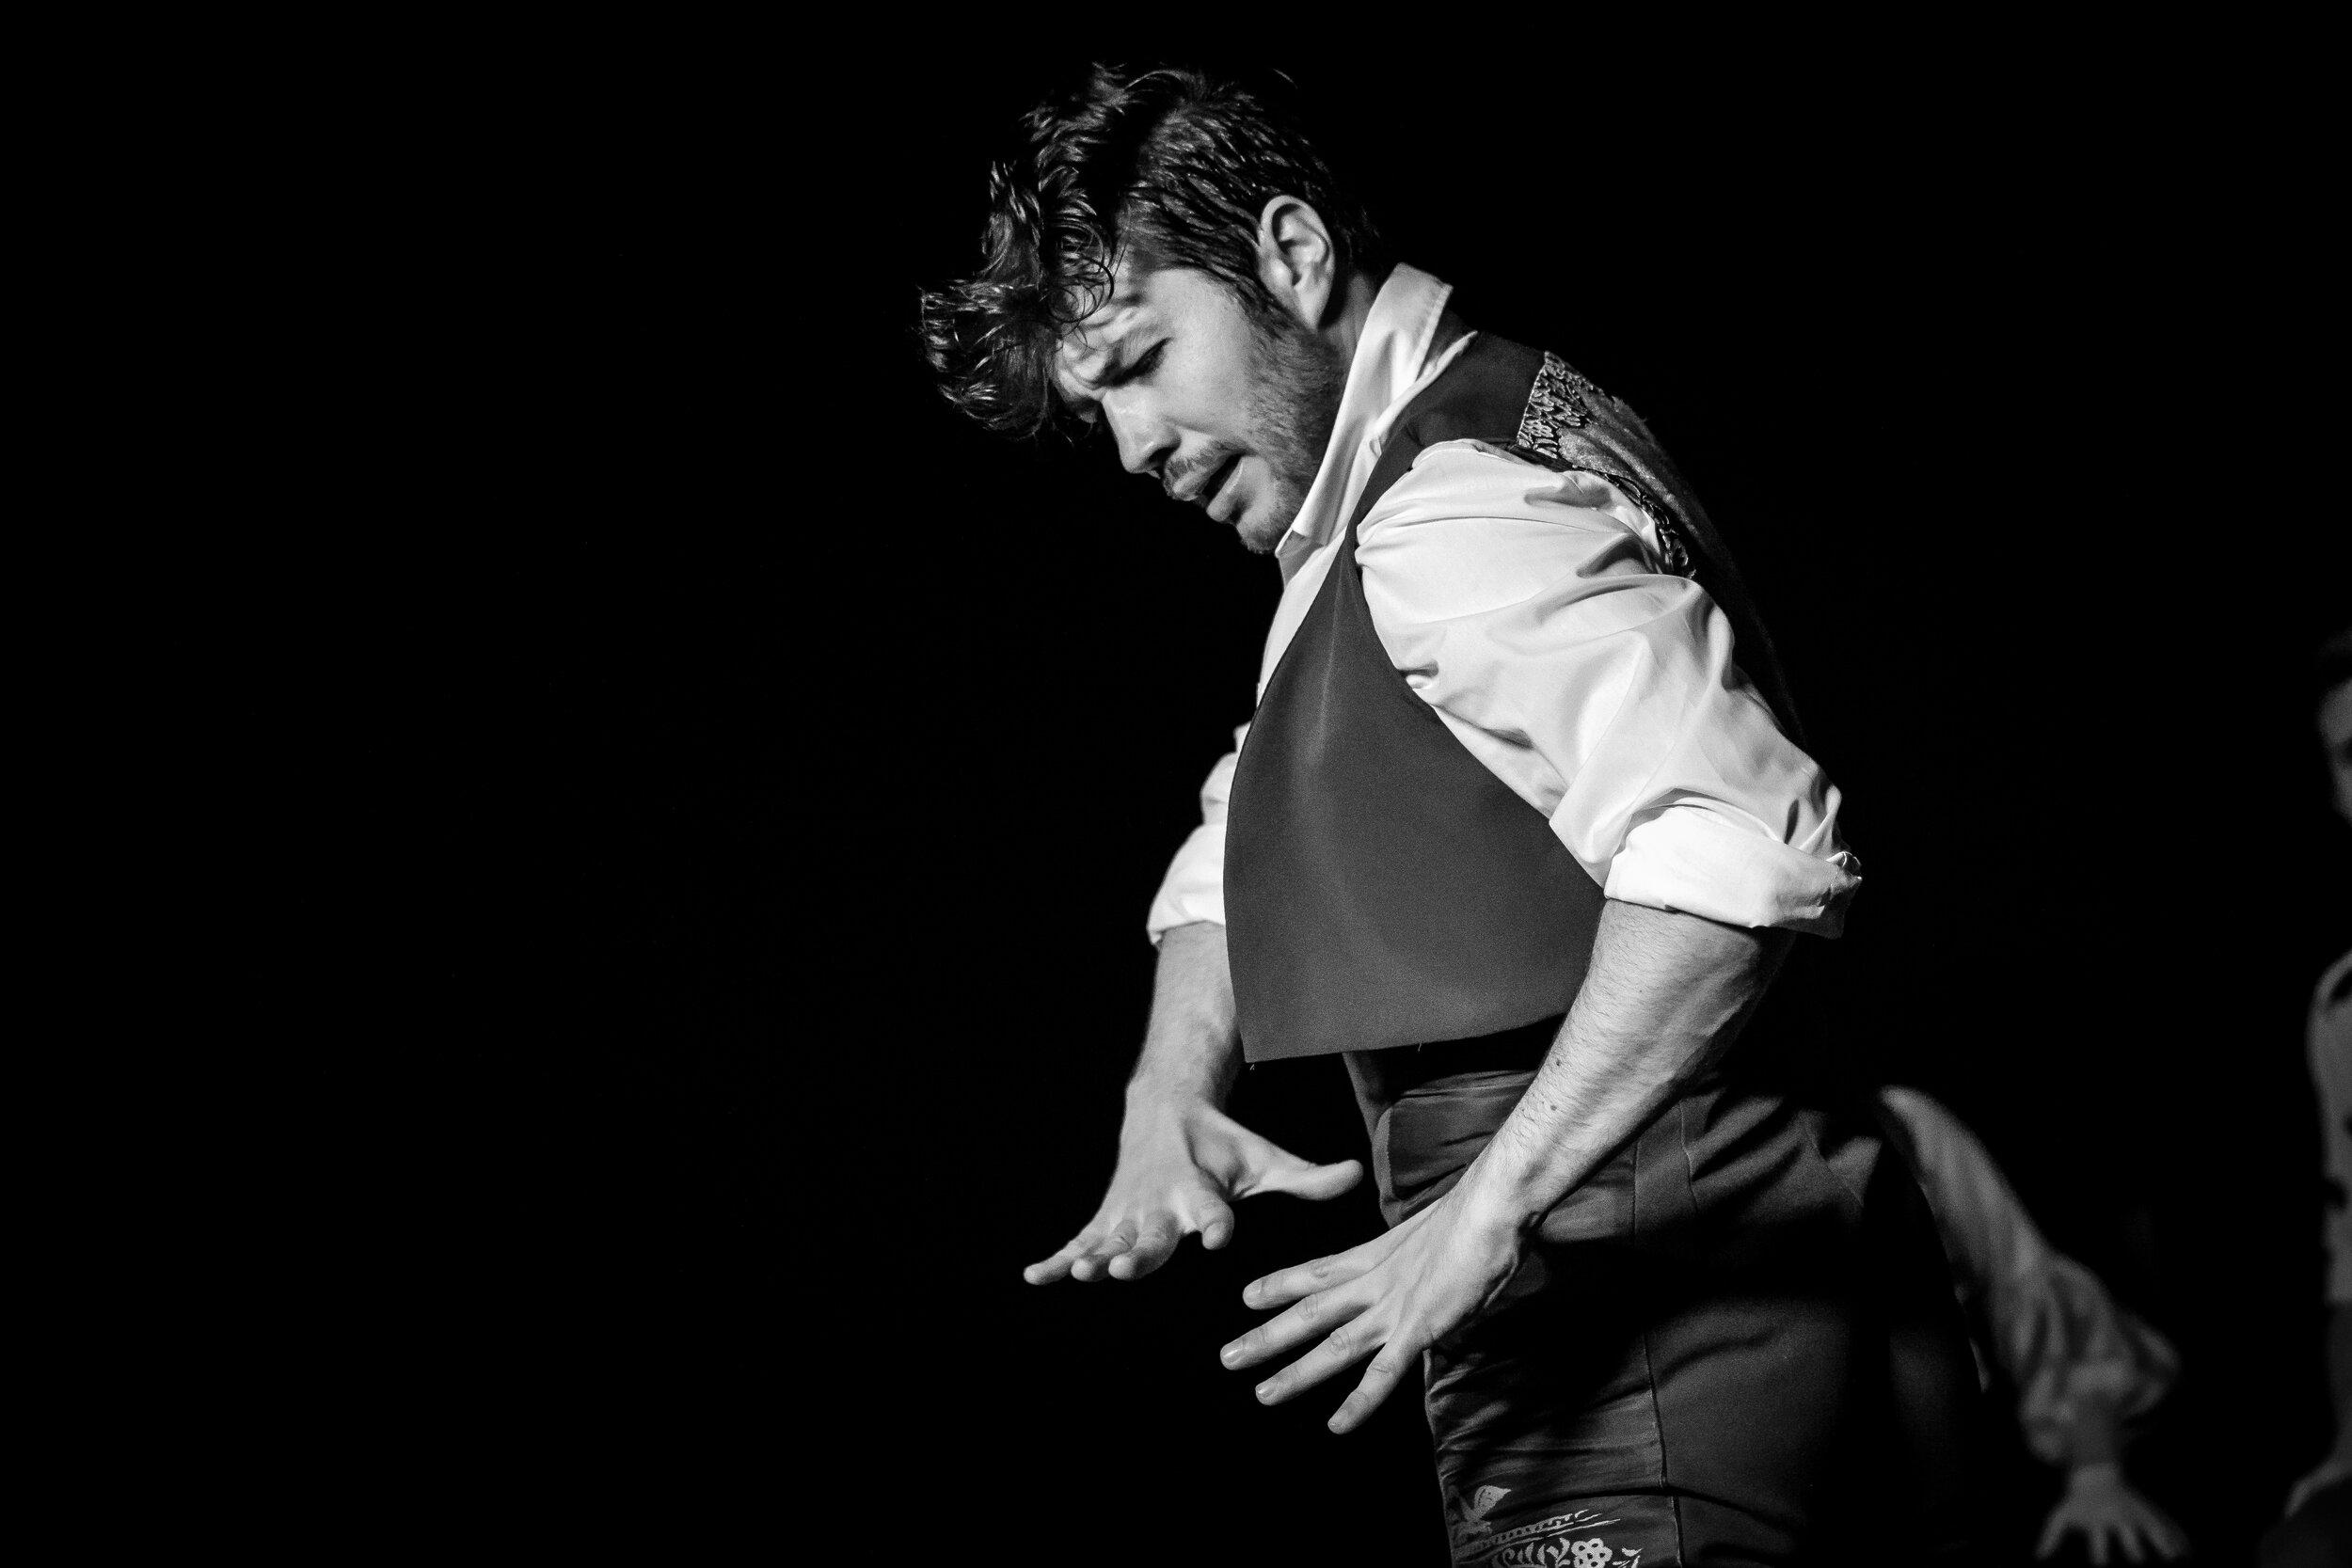 Emilio Ochando at the Festival de Jerez. He comes to Portland for flamenco workshops with Portland Flamenco Events